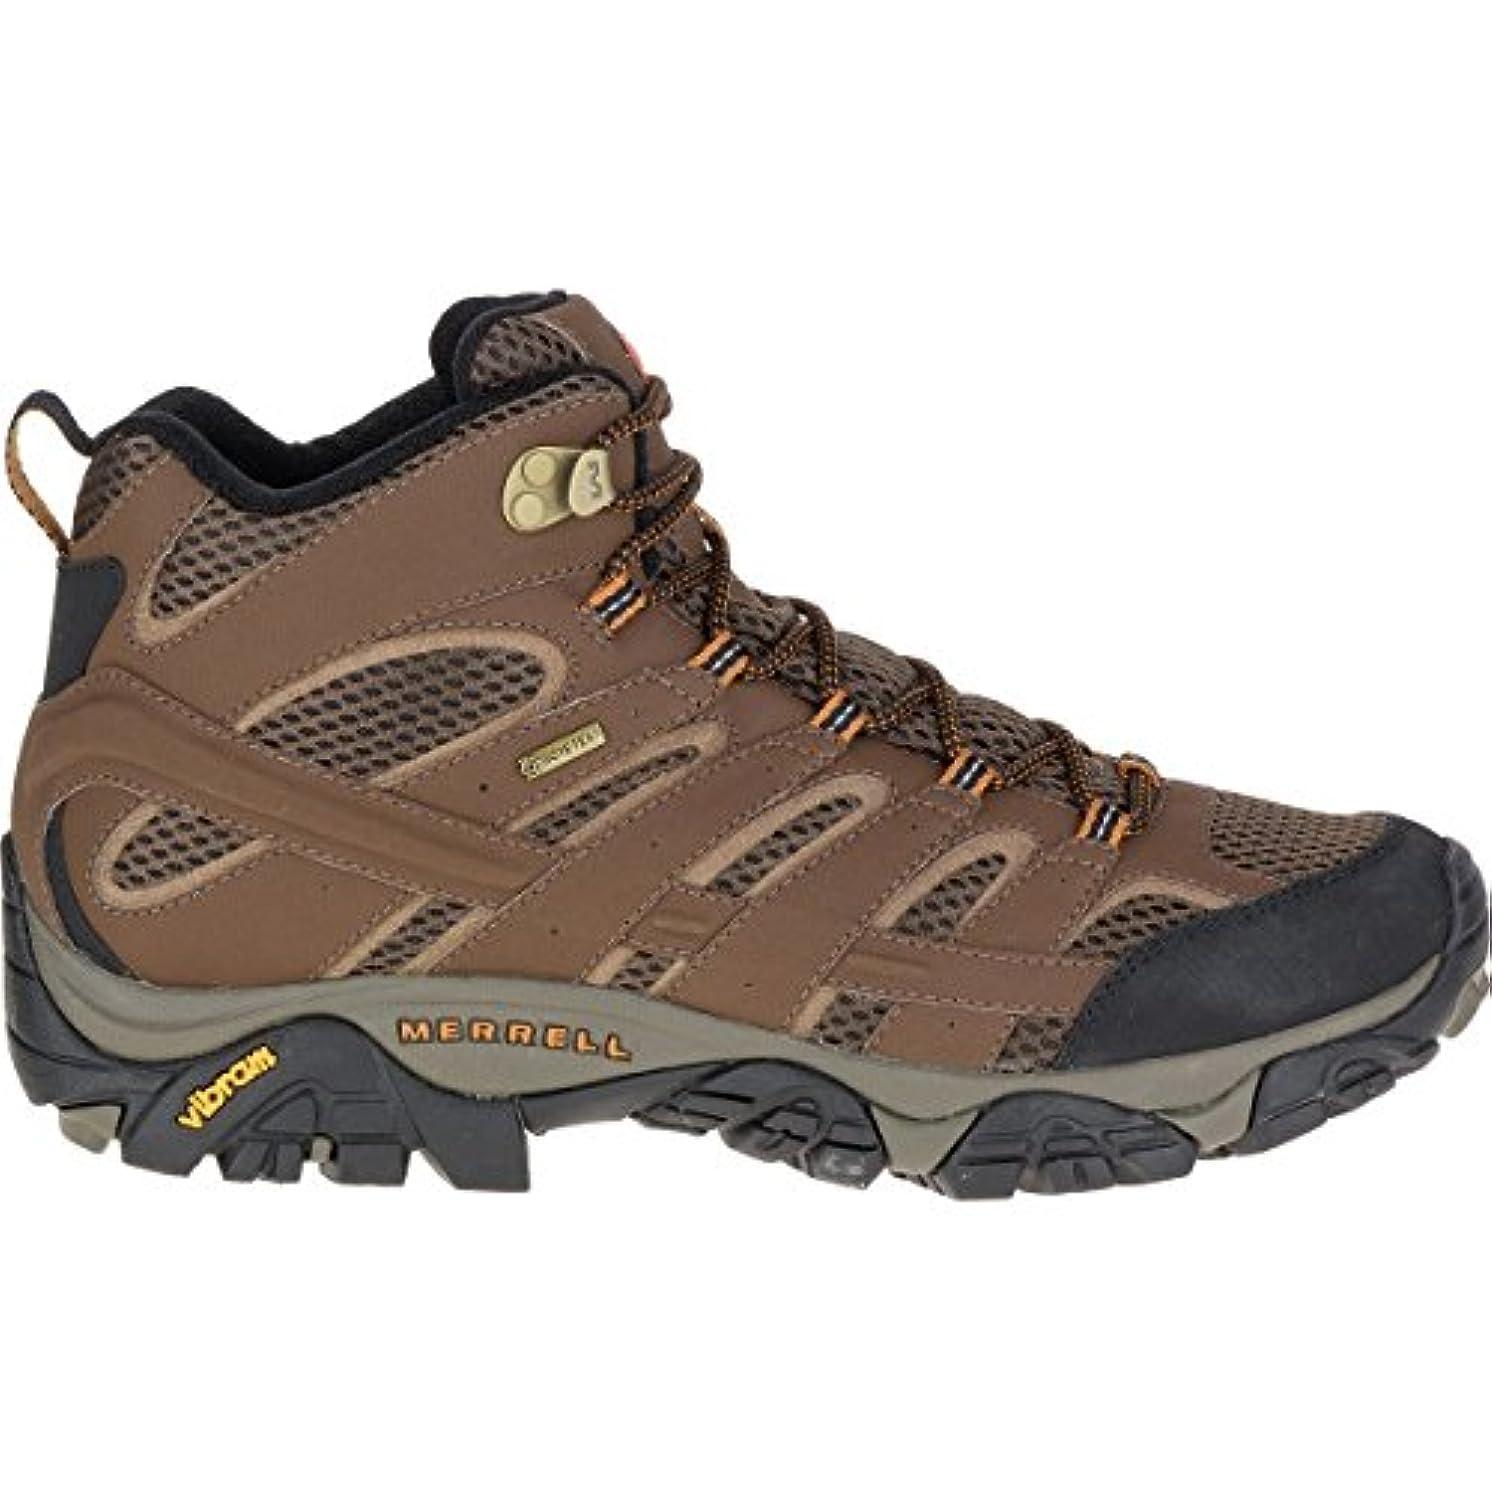 強大なポット盲目[メレル] メンズ ハイキング Moab 2 Mid GTX Hiking Boot - Men's [並行輸入品]